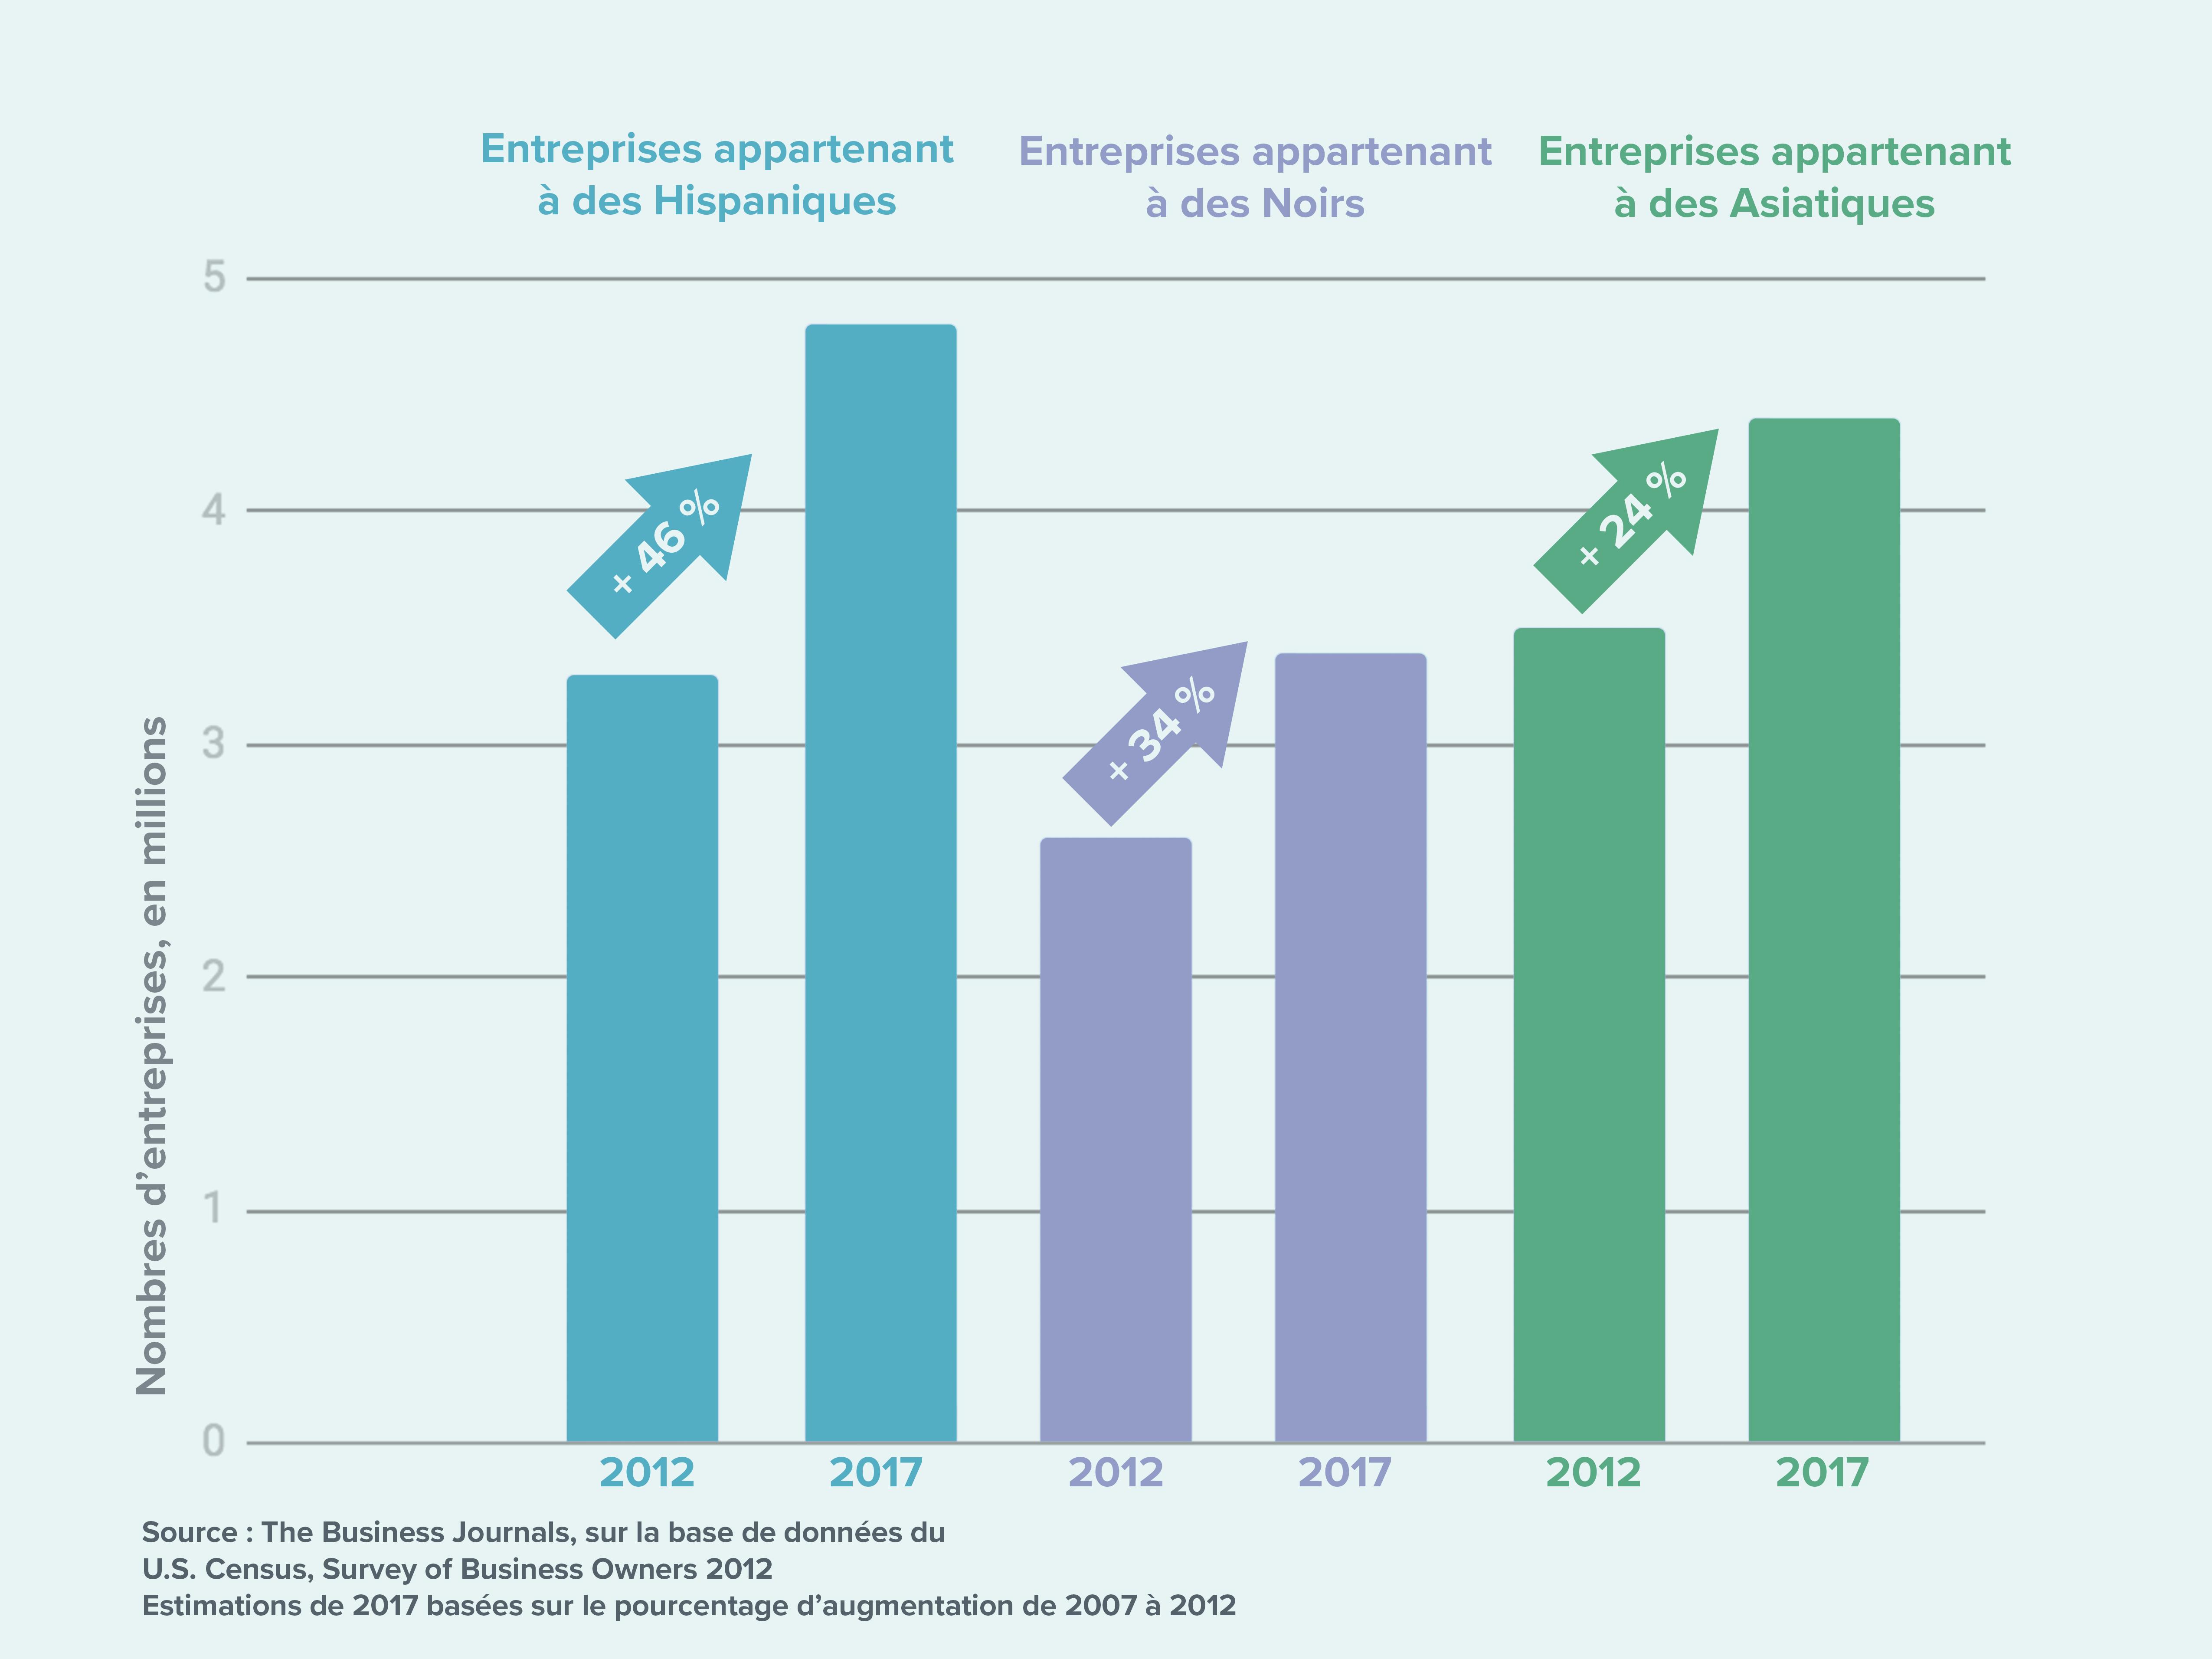 Graphique montrant les estimations de croissance de trois catégories d'entreprises, de 2012 à 2017 (O. Mertz/Département d'État)